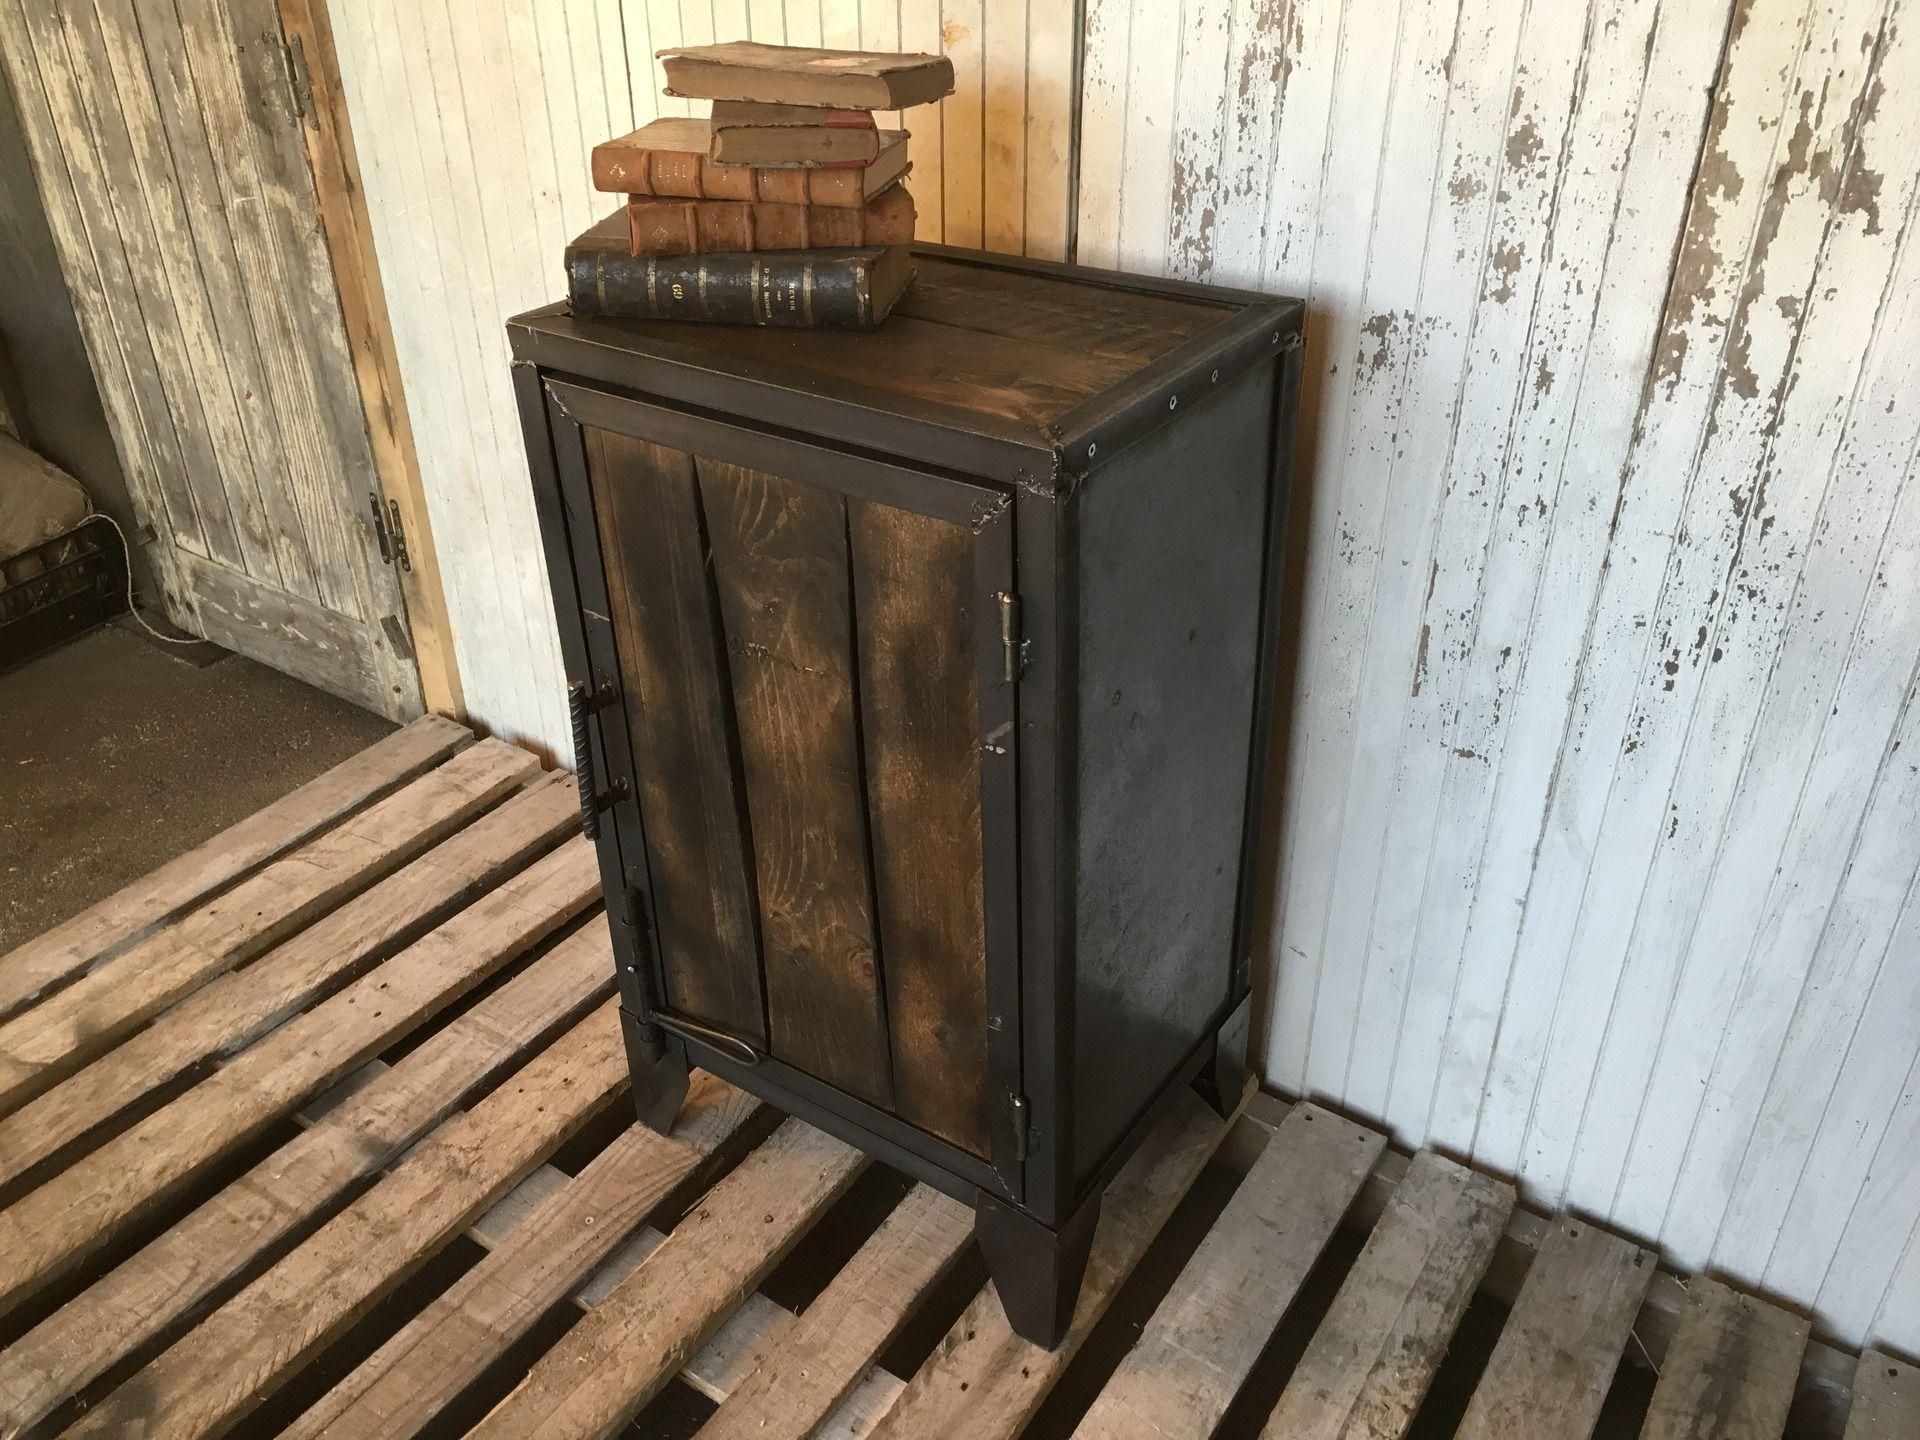 Meuble confiturier en acier et bois d co industrielle confiturier mobilier de salon et bois - Meuble confiturier ...